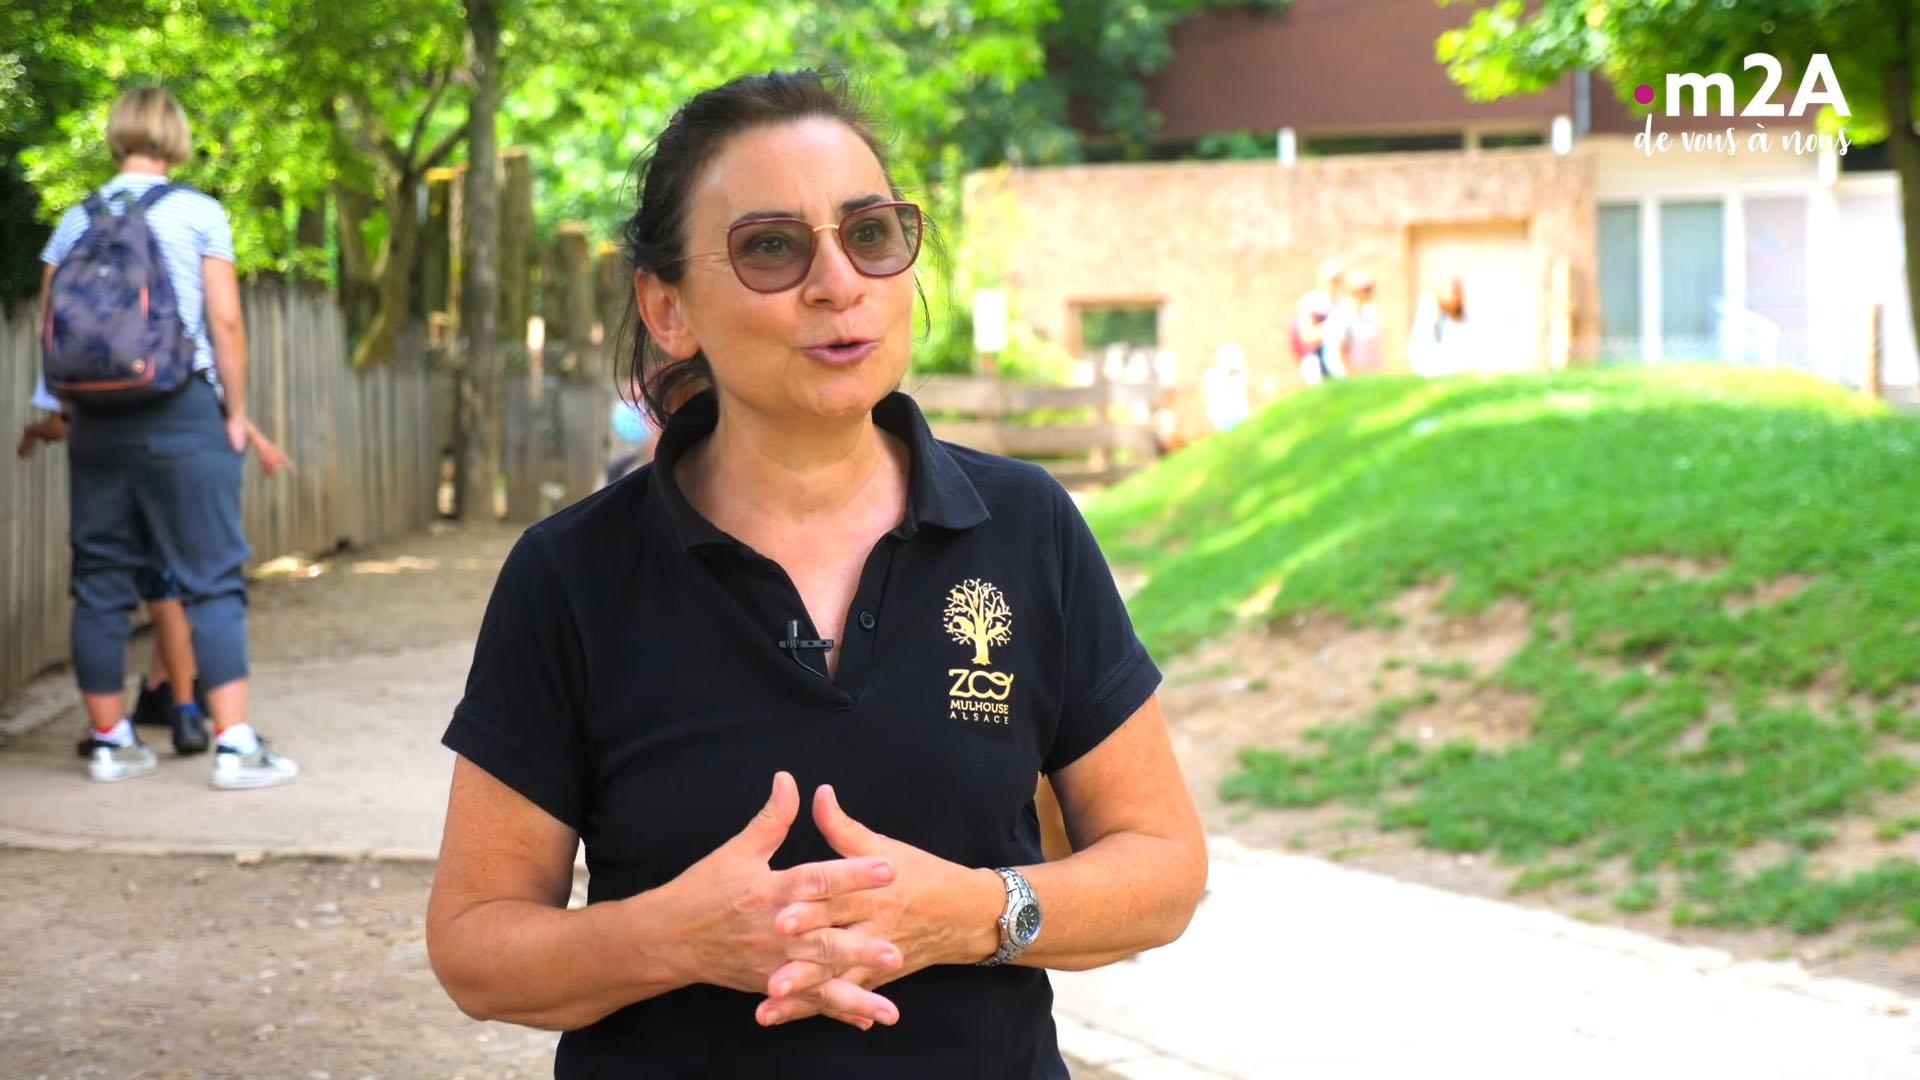 Pédagogie au zoo de Mulhouse - Corinne Di Trani Zimmermann, responsable pédagogique